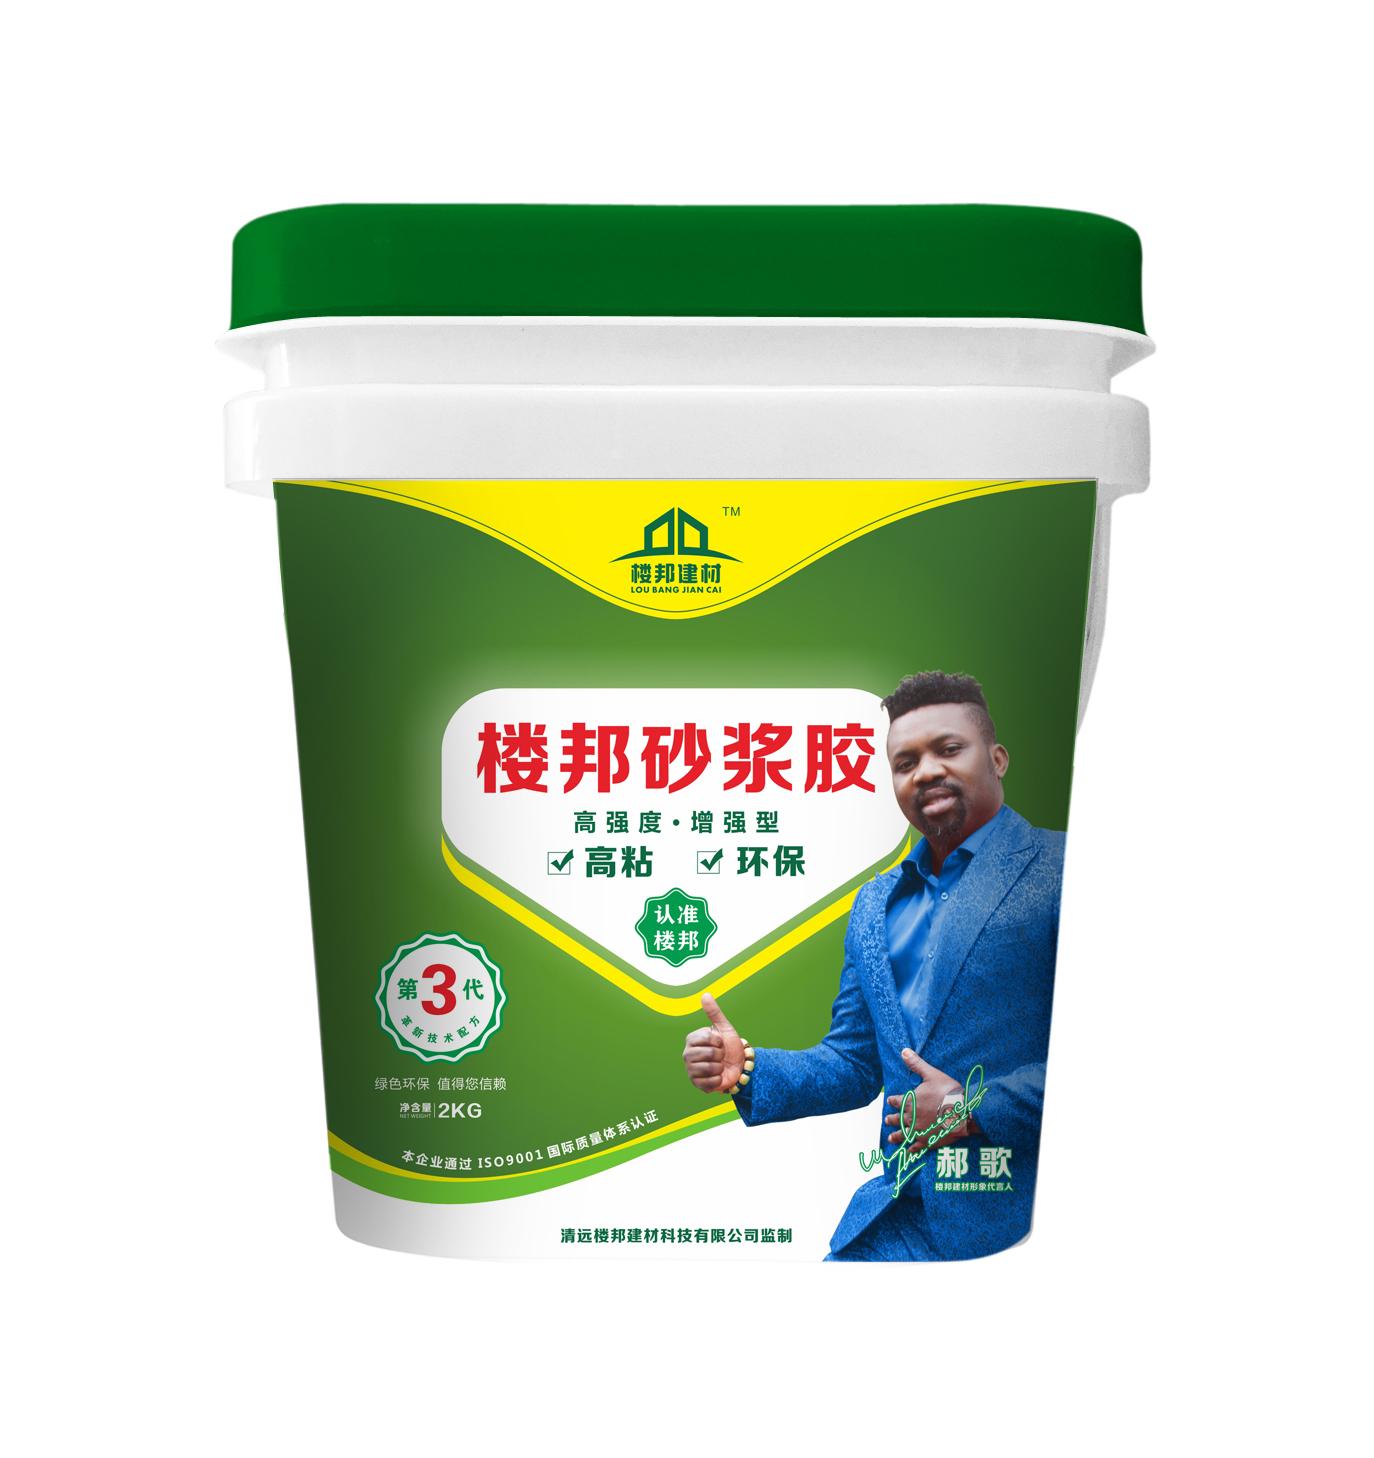 易胜博ysb248砂浆胶(3代高强度增强型)